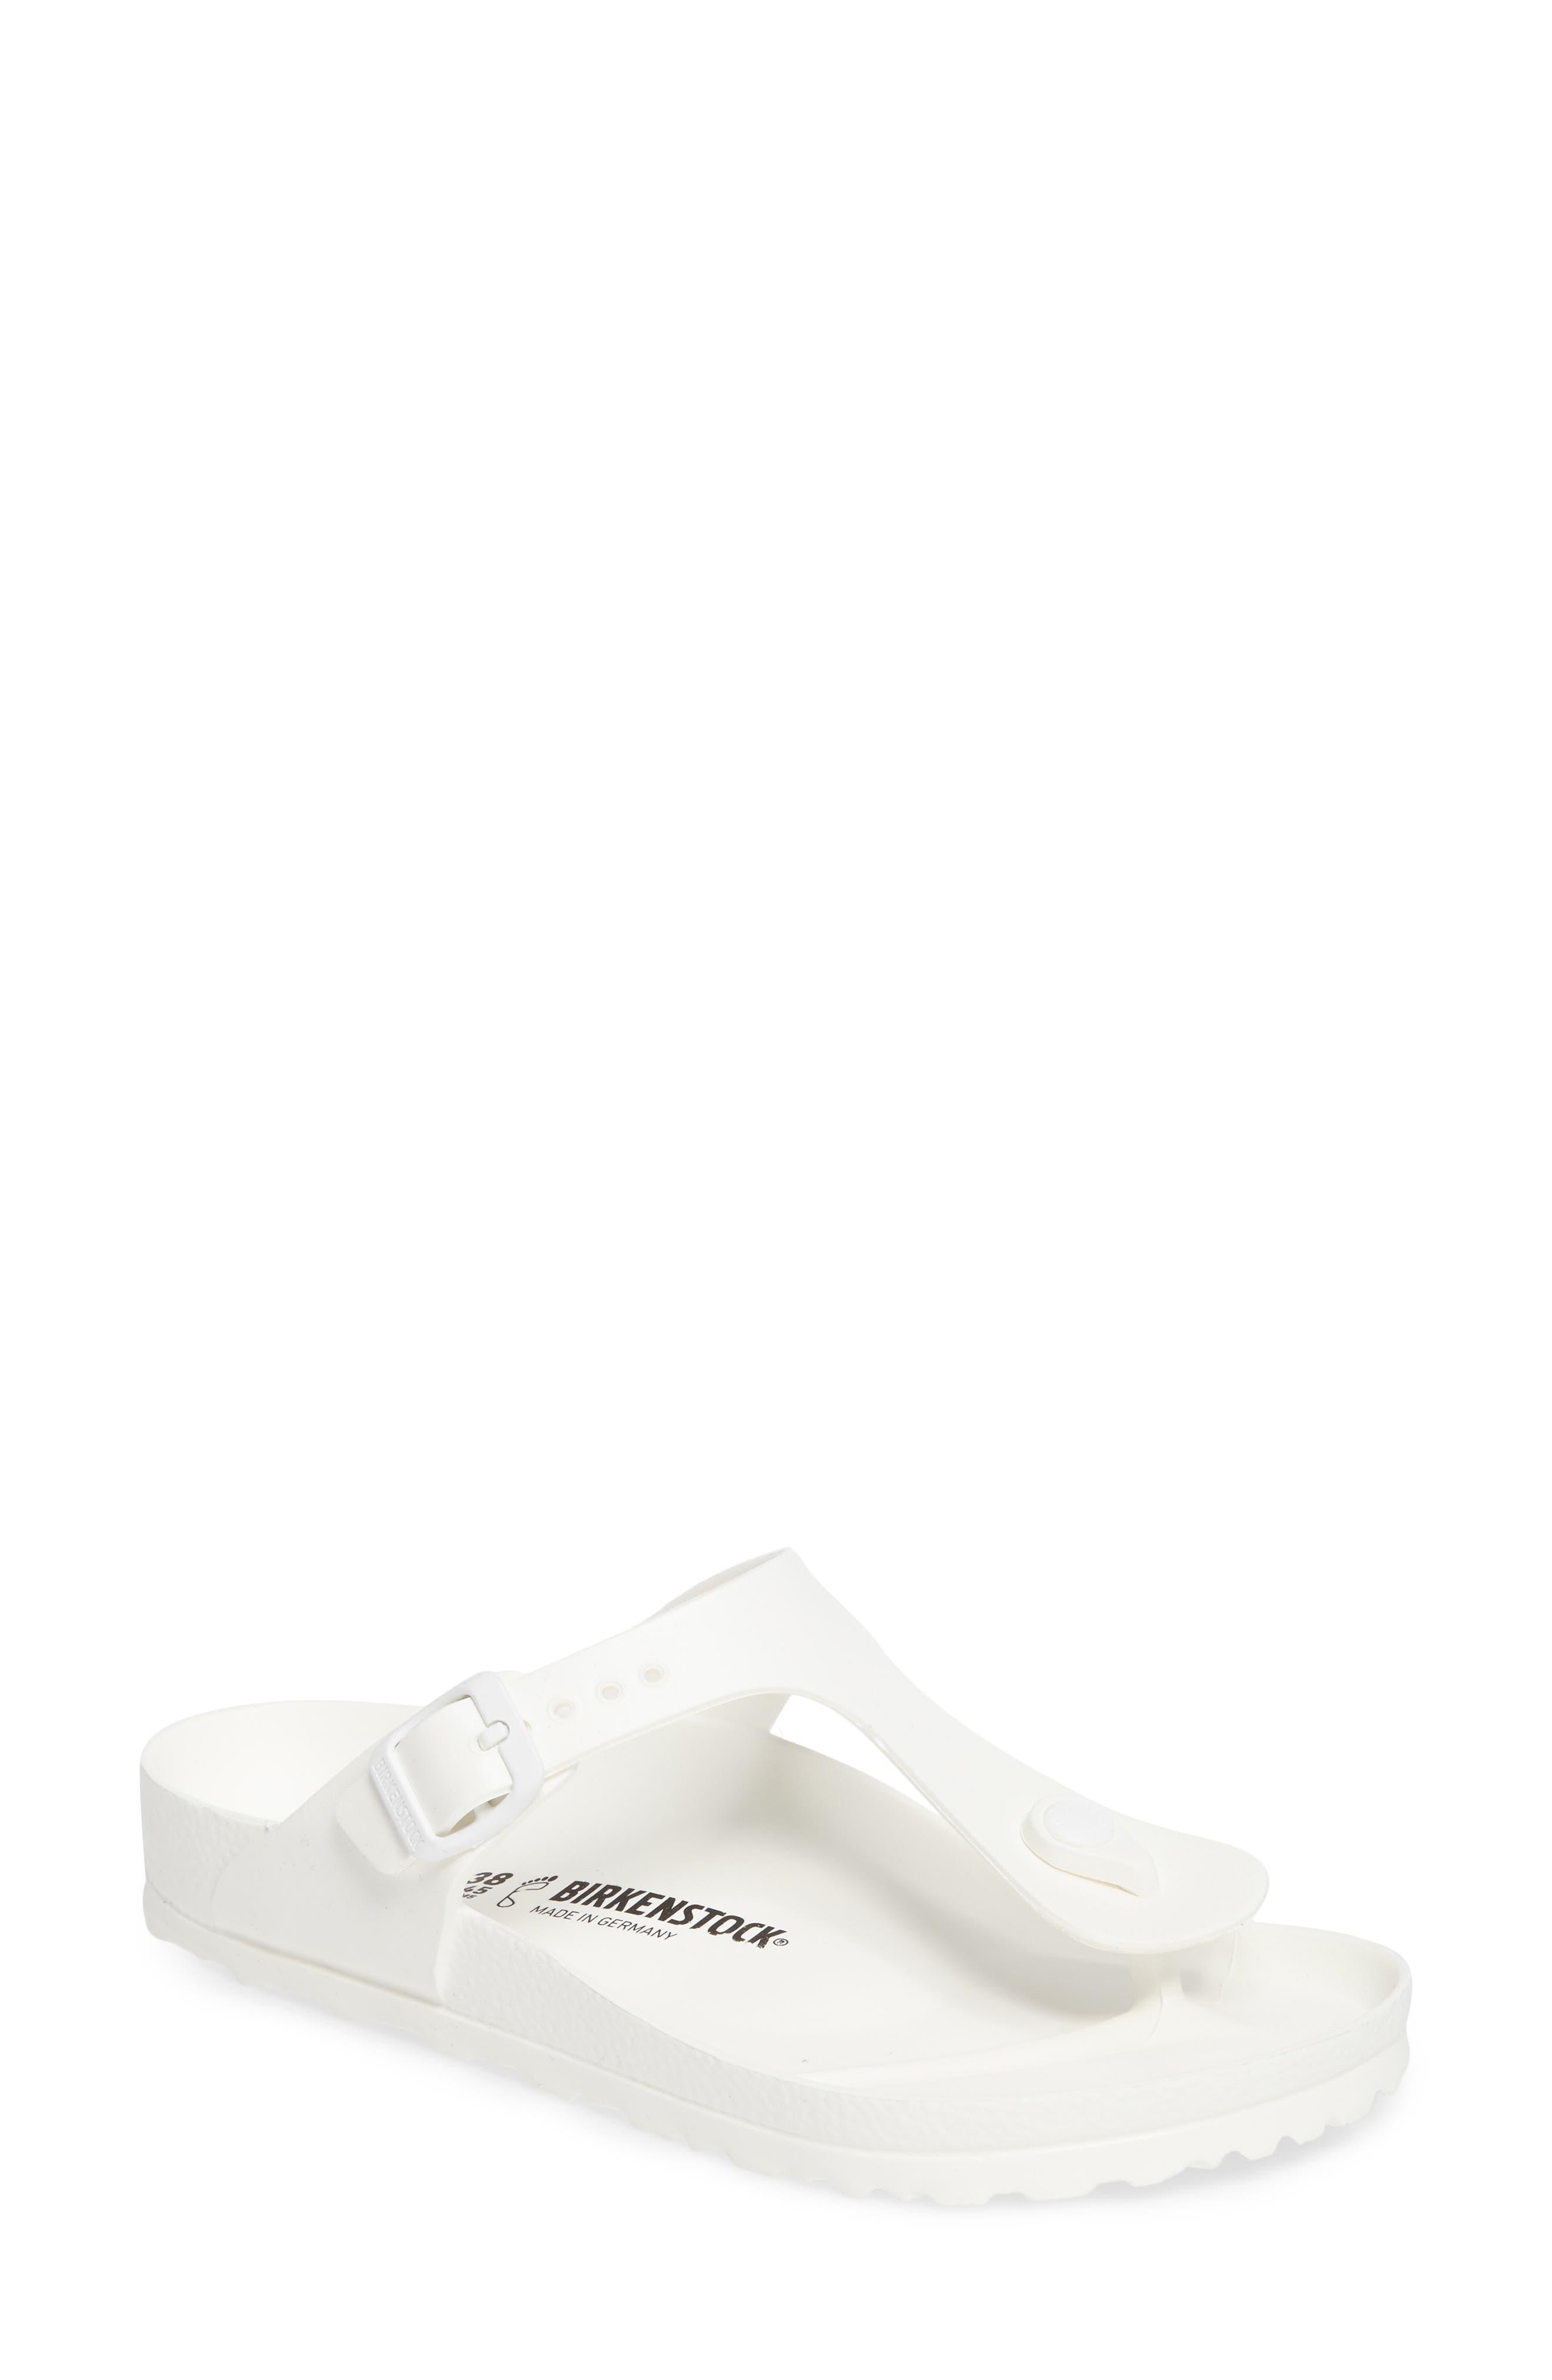 Birkenstock Essentials - Gizeh Flip Flop - White